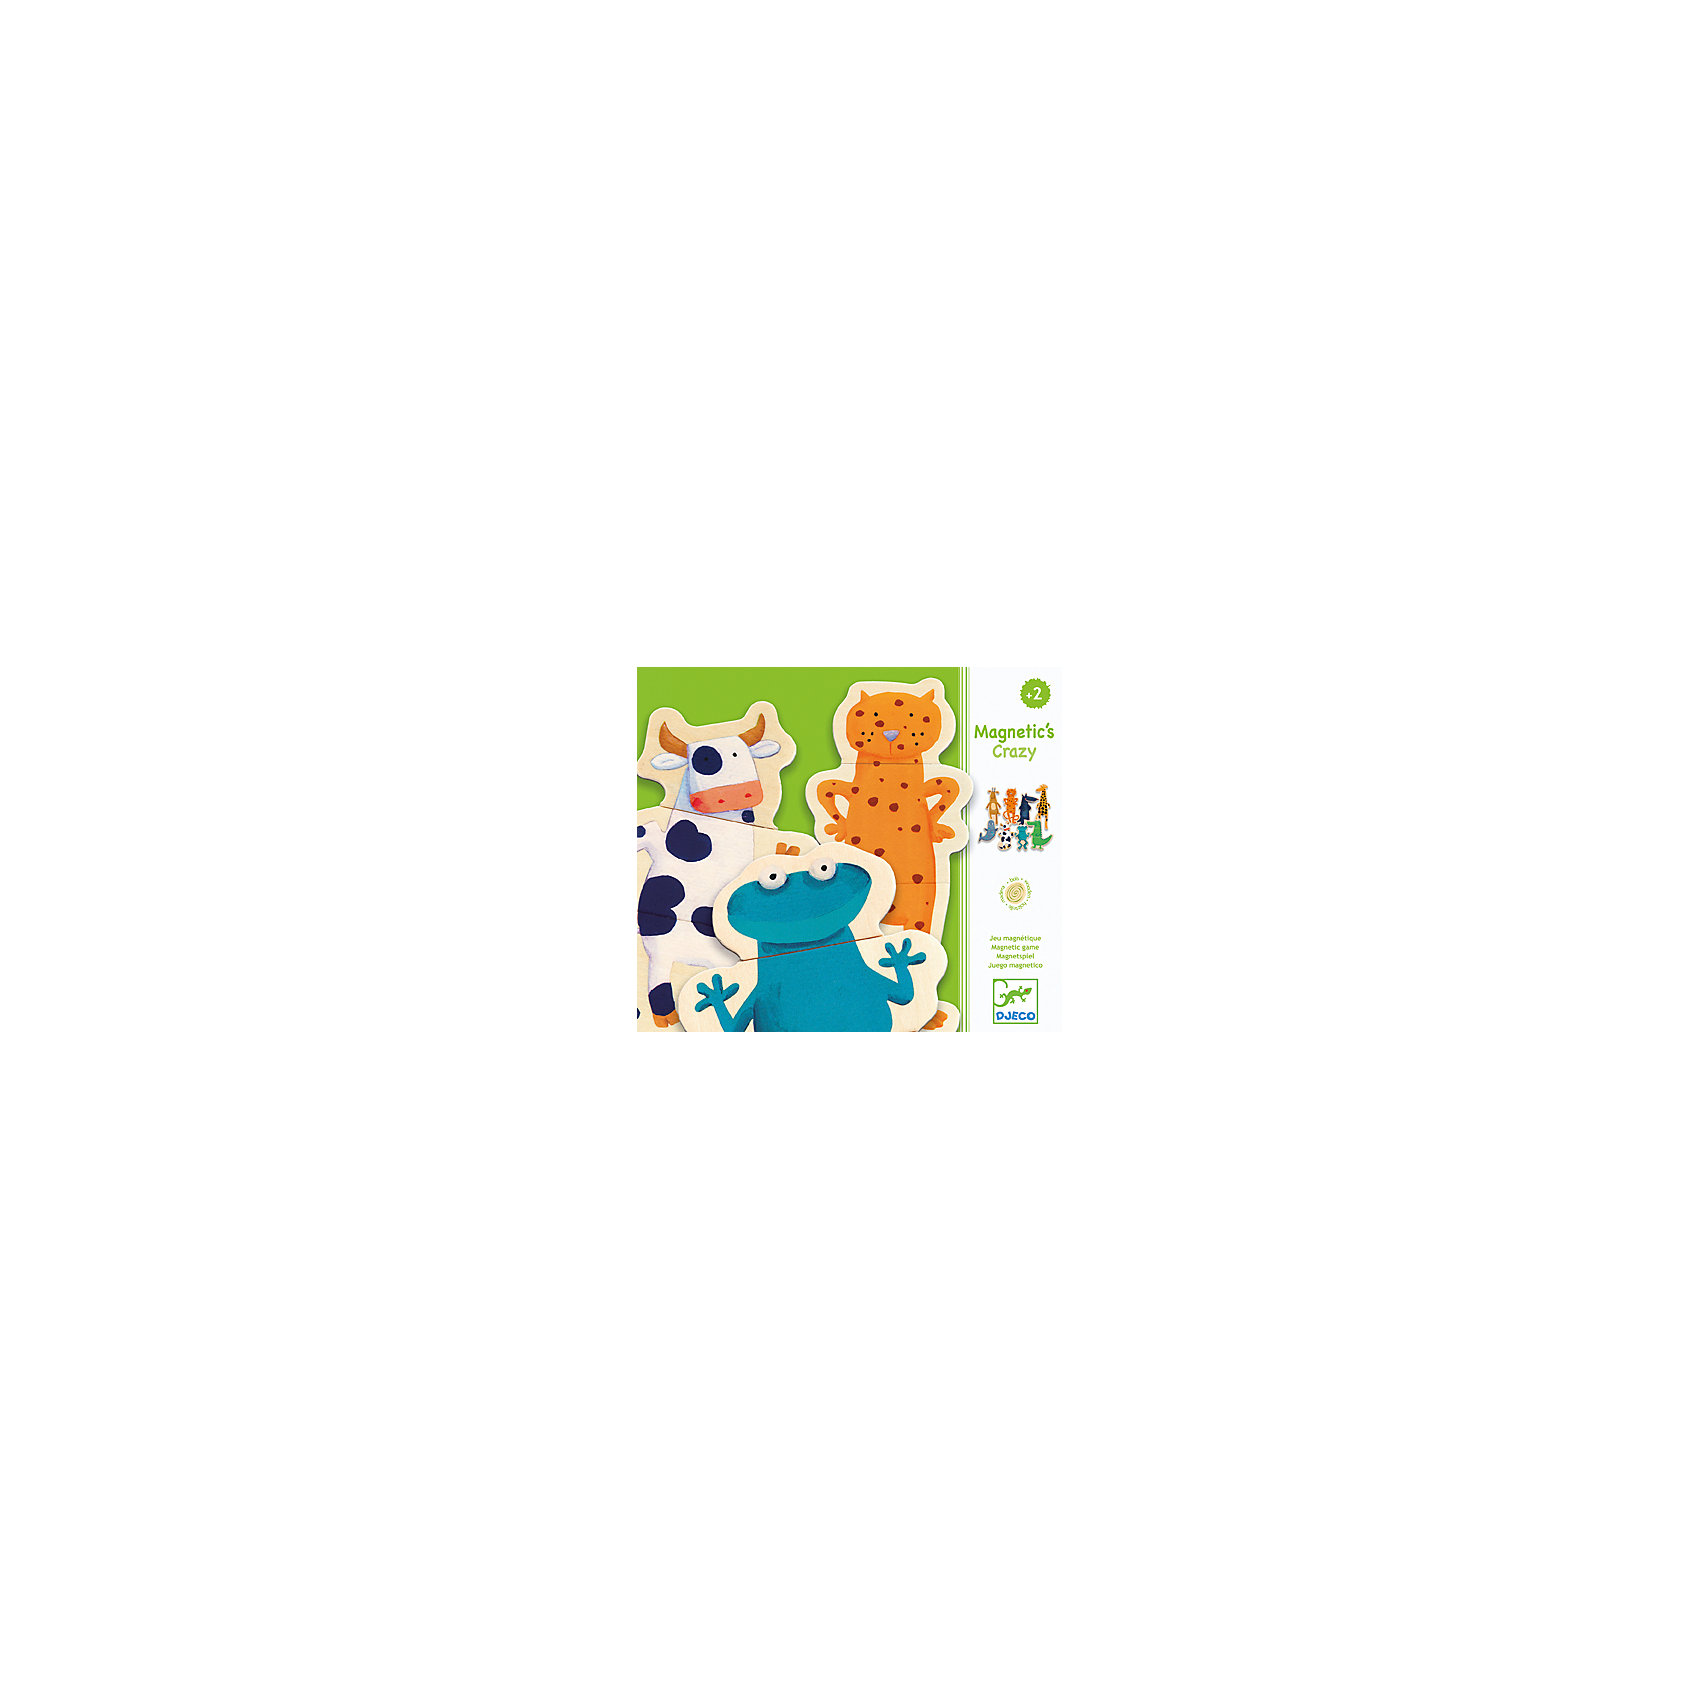 Магнитный пазл Забавные животные, DJECOМагнитный пазл Забавные животные, Djeco (Джеко) - увлекательная развивающая игра для самых маленьких. В комплект входят 24 красочные деревянные детали на магнитах, из которых малышу предлагается сложить 8 фигурок забавных зверюшек (лягушку, корову, тюленя, жирафа, волка, крокодила, газель и леопарда). Детали имеют небольшой размер и удобную для детских ручек форму. В качестве игровой поверхности можно использовать холодильник, магнитную доску или любую другую металлическую поверхность. Игра развивает внимательность, мелкую моторику рук, воображение, логическое мышление, зрительное восприятие, усидчивость.<br><br>Дополнительная информация:<br><br>- В комплекте: 24 деревянные детали на магнитах (8 животных).<br>- Материал: дерево, магнит.<br>- Размер упаковки: 21,8 х 18,8 х 4 см.<br>- Вес: 0,45 кг. <br><br>Магнитный пазл Забавные животные, Djeco (Джеко), можно купить в нашем интернет-магазине.<br><br>Ширина мм: 190<br>Глубина мм: 280<br>Высота мм: 10<br>Вес г: 540<br>Возраст от месяцев: 24<br>Возраст до месяцев: 60<br>Пол: Унисекс<br>Возраст: Детский<br>SKU: 4215013